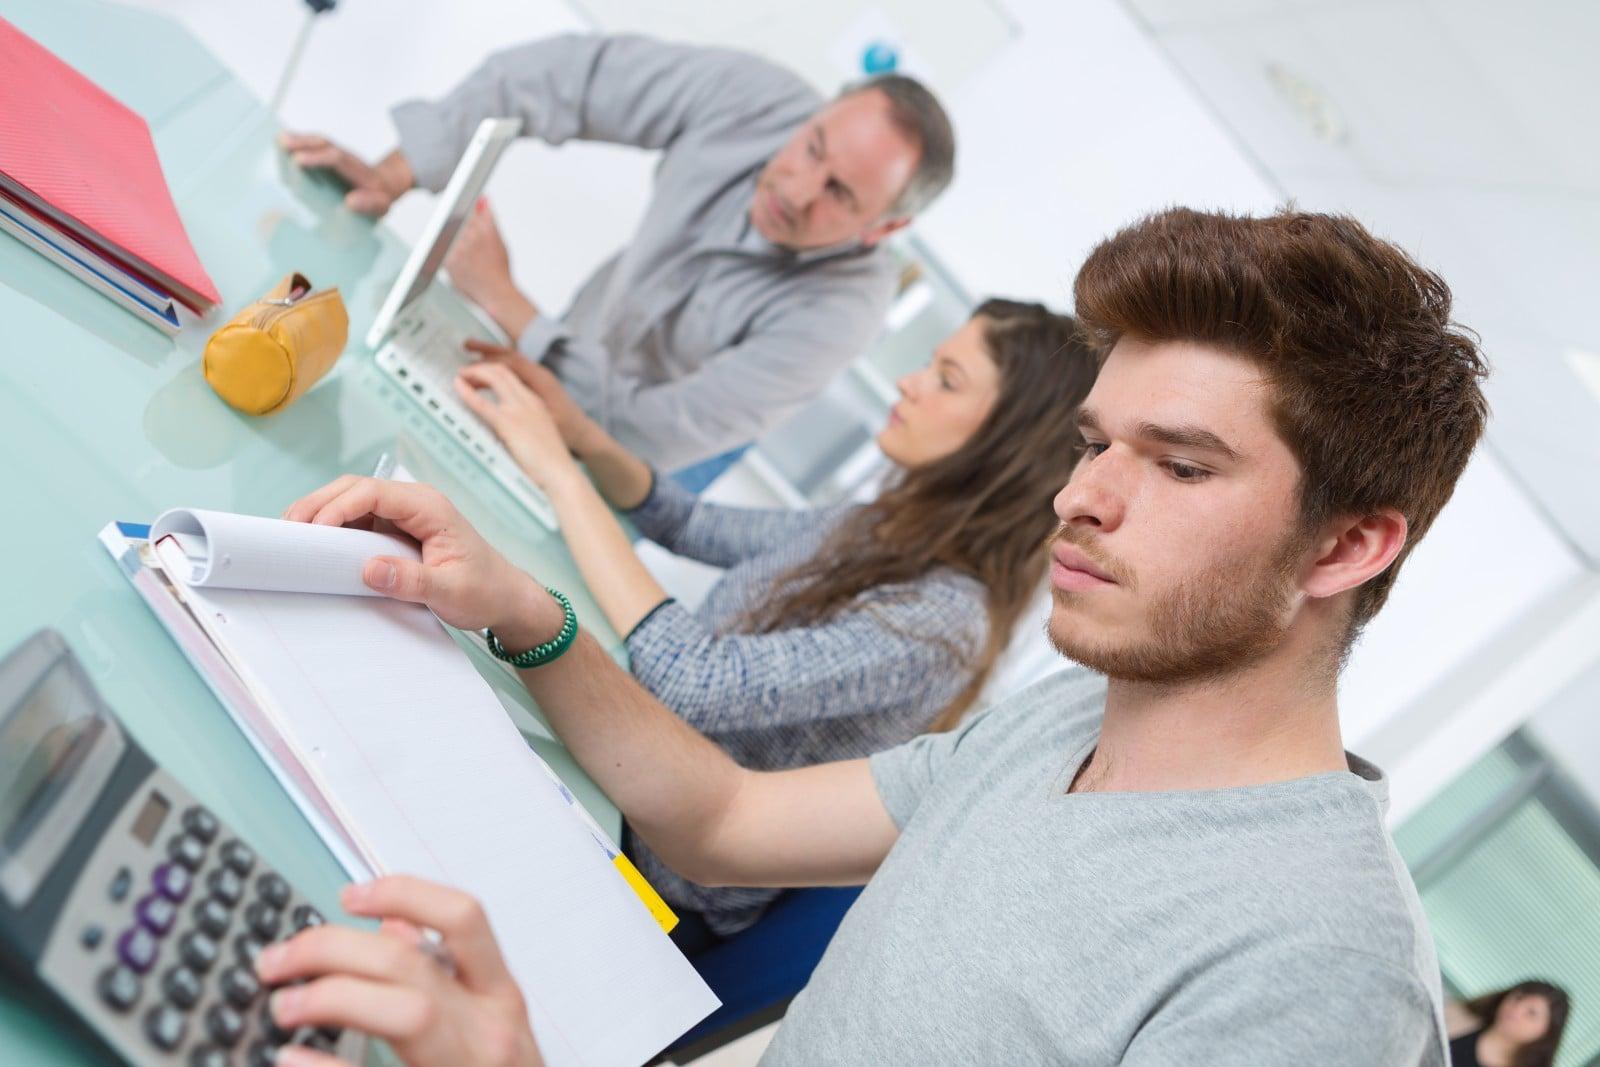 Диплом бакалавра неконкурентоспособная единица на рынке труда  Диплом бакалавра неконкурентоспособная единица на рынке труда